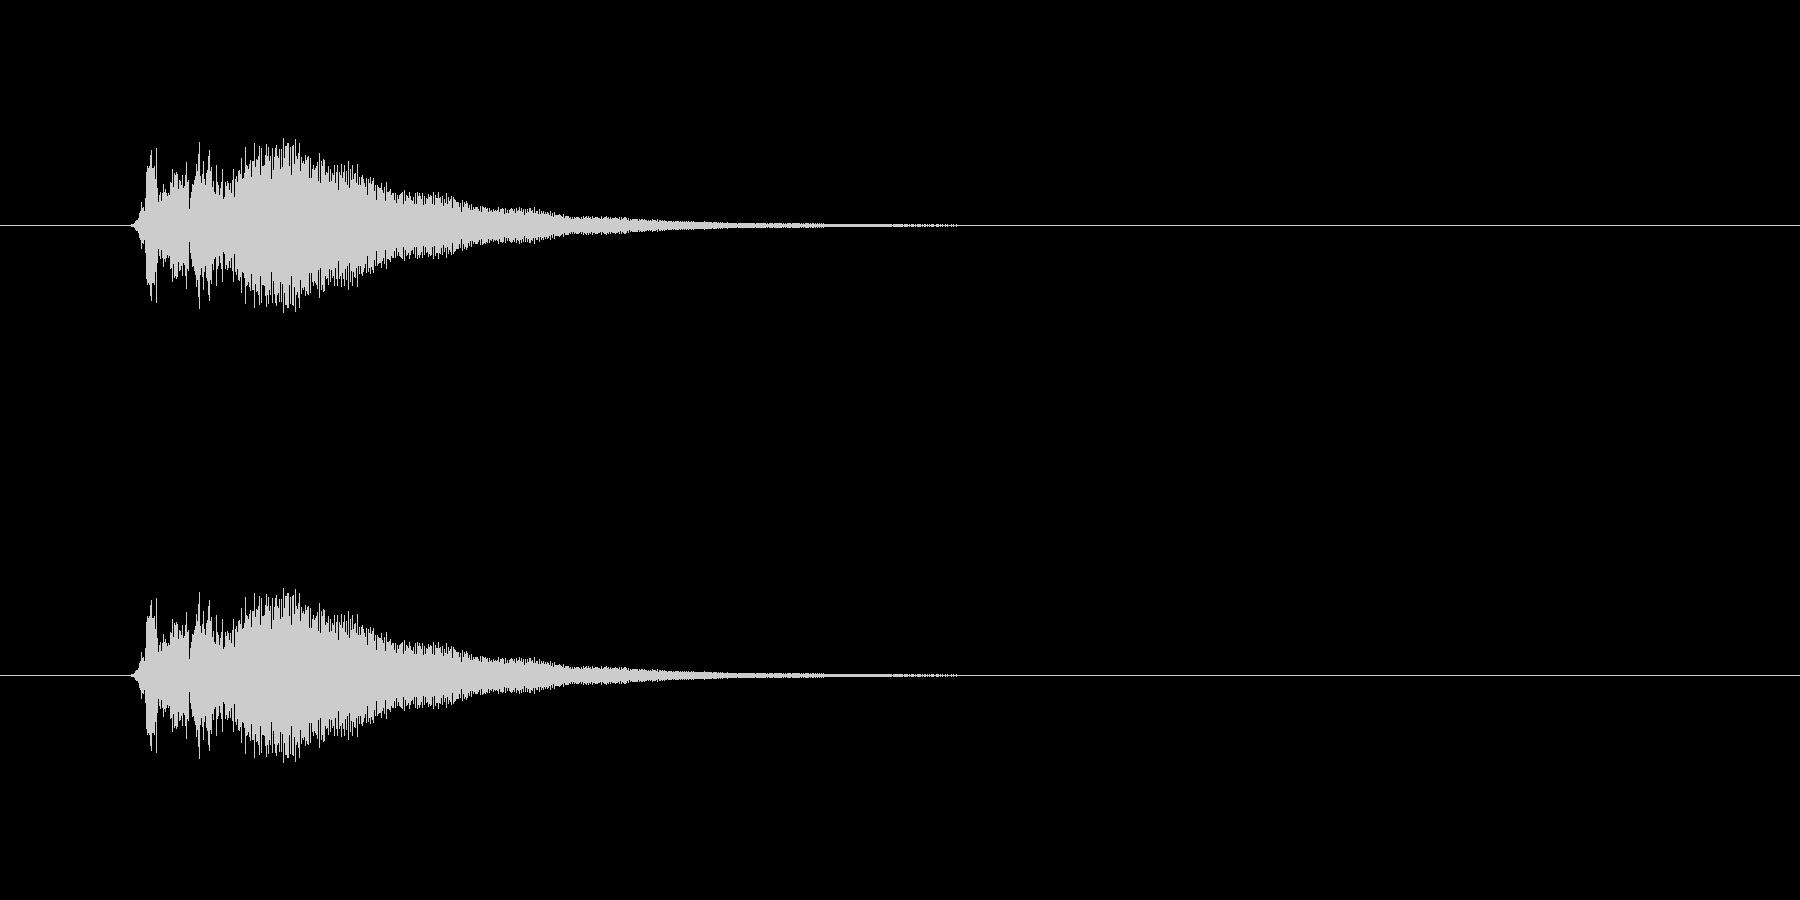 「刀」「シャキーン」の未再生の波形